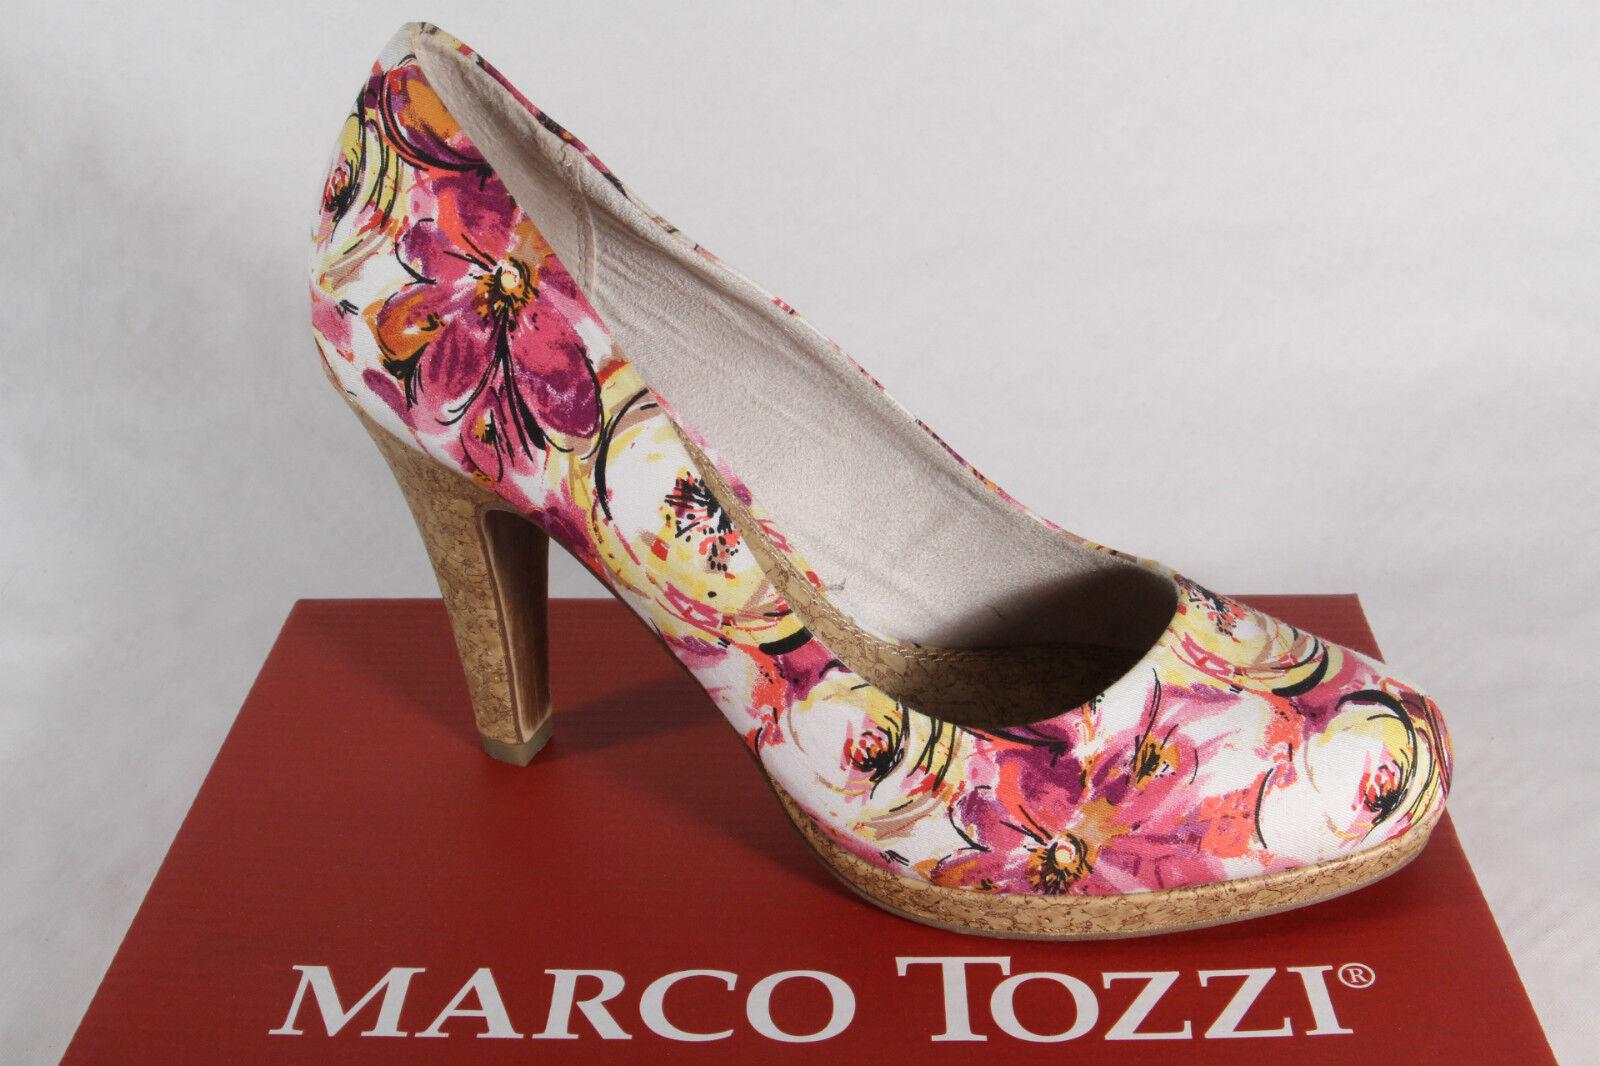 Marco Tozzi Donna Scarpe Scollate Pantofola Fucsia Multi Tessile Nuovo | Varietà Grande  | Uomini/Donna Scarpa